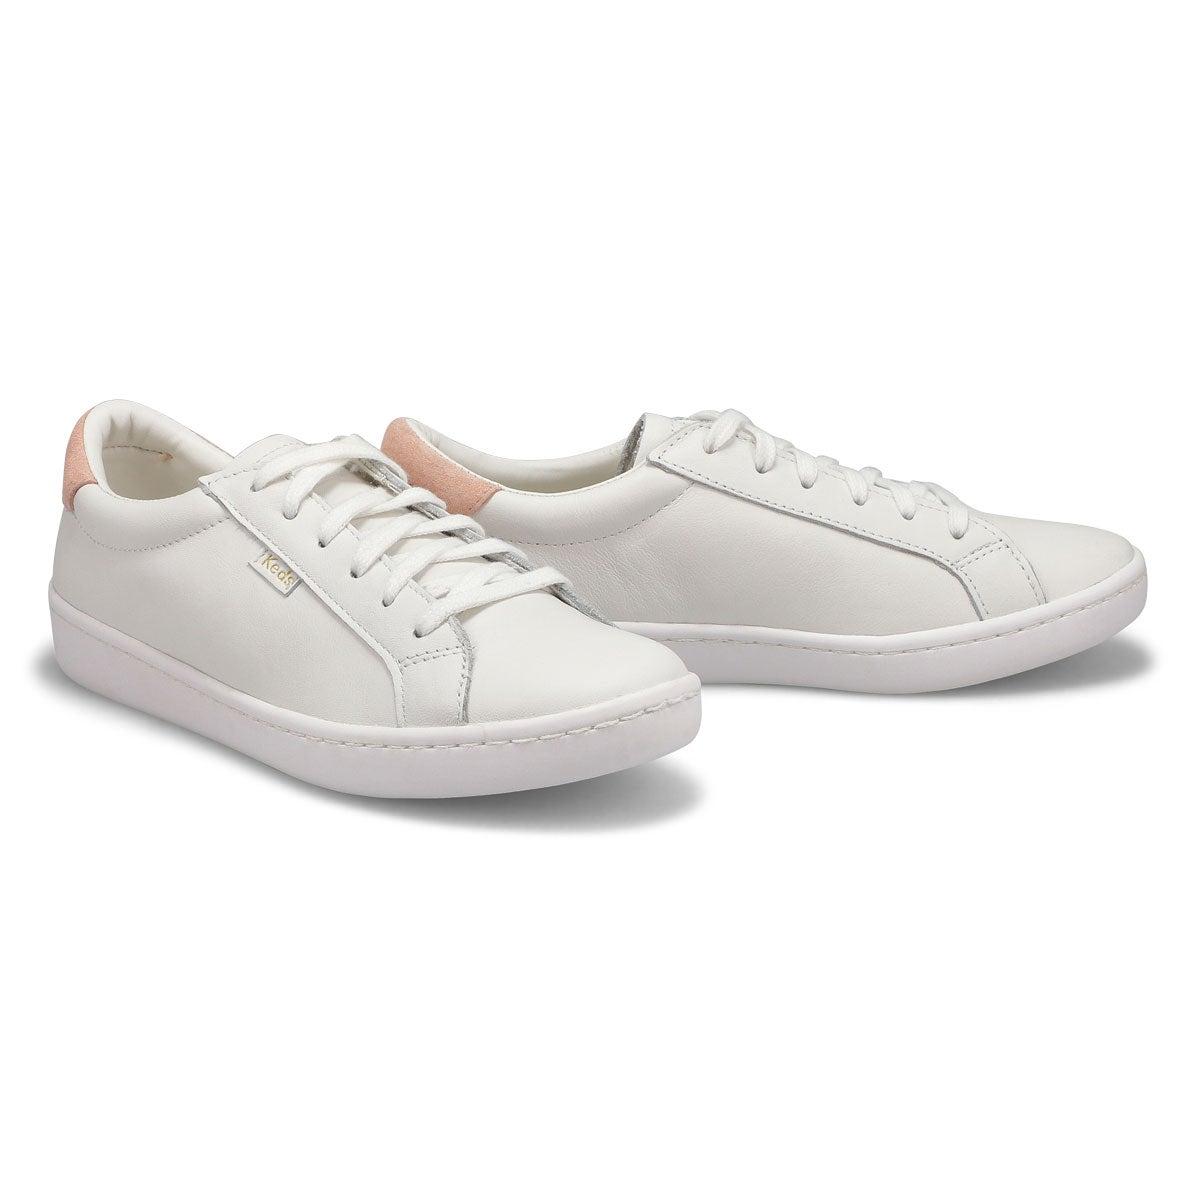 Women's Ace Sneaker -  White/Blush